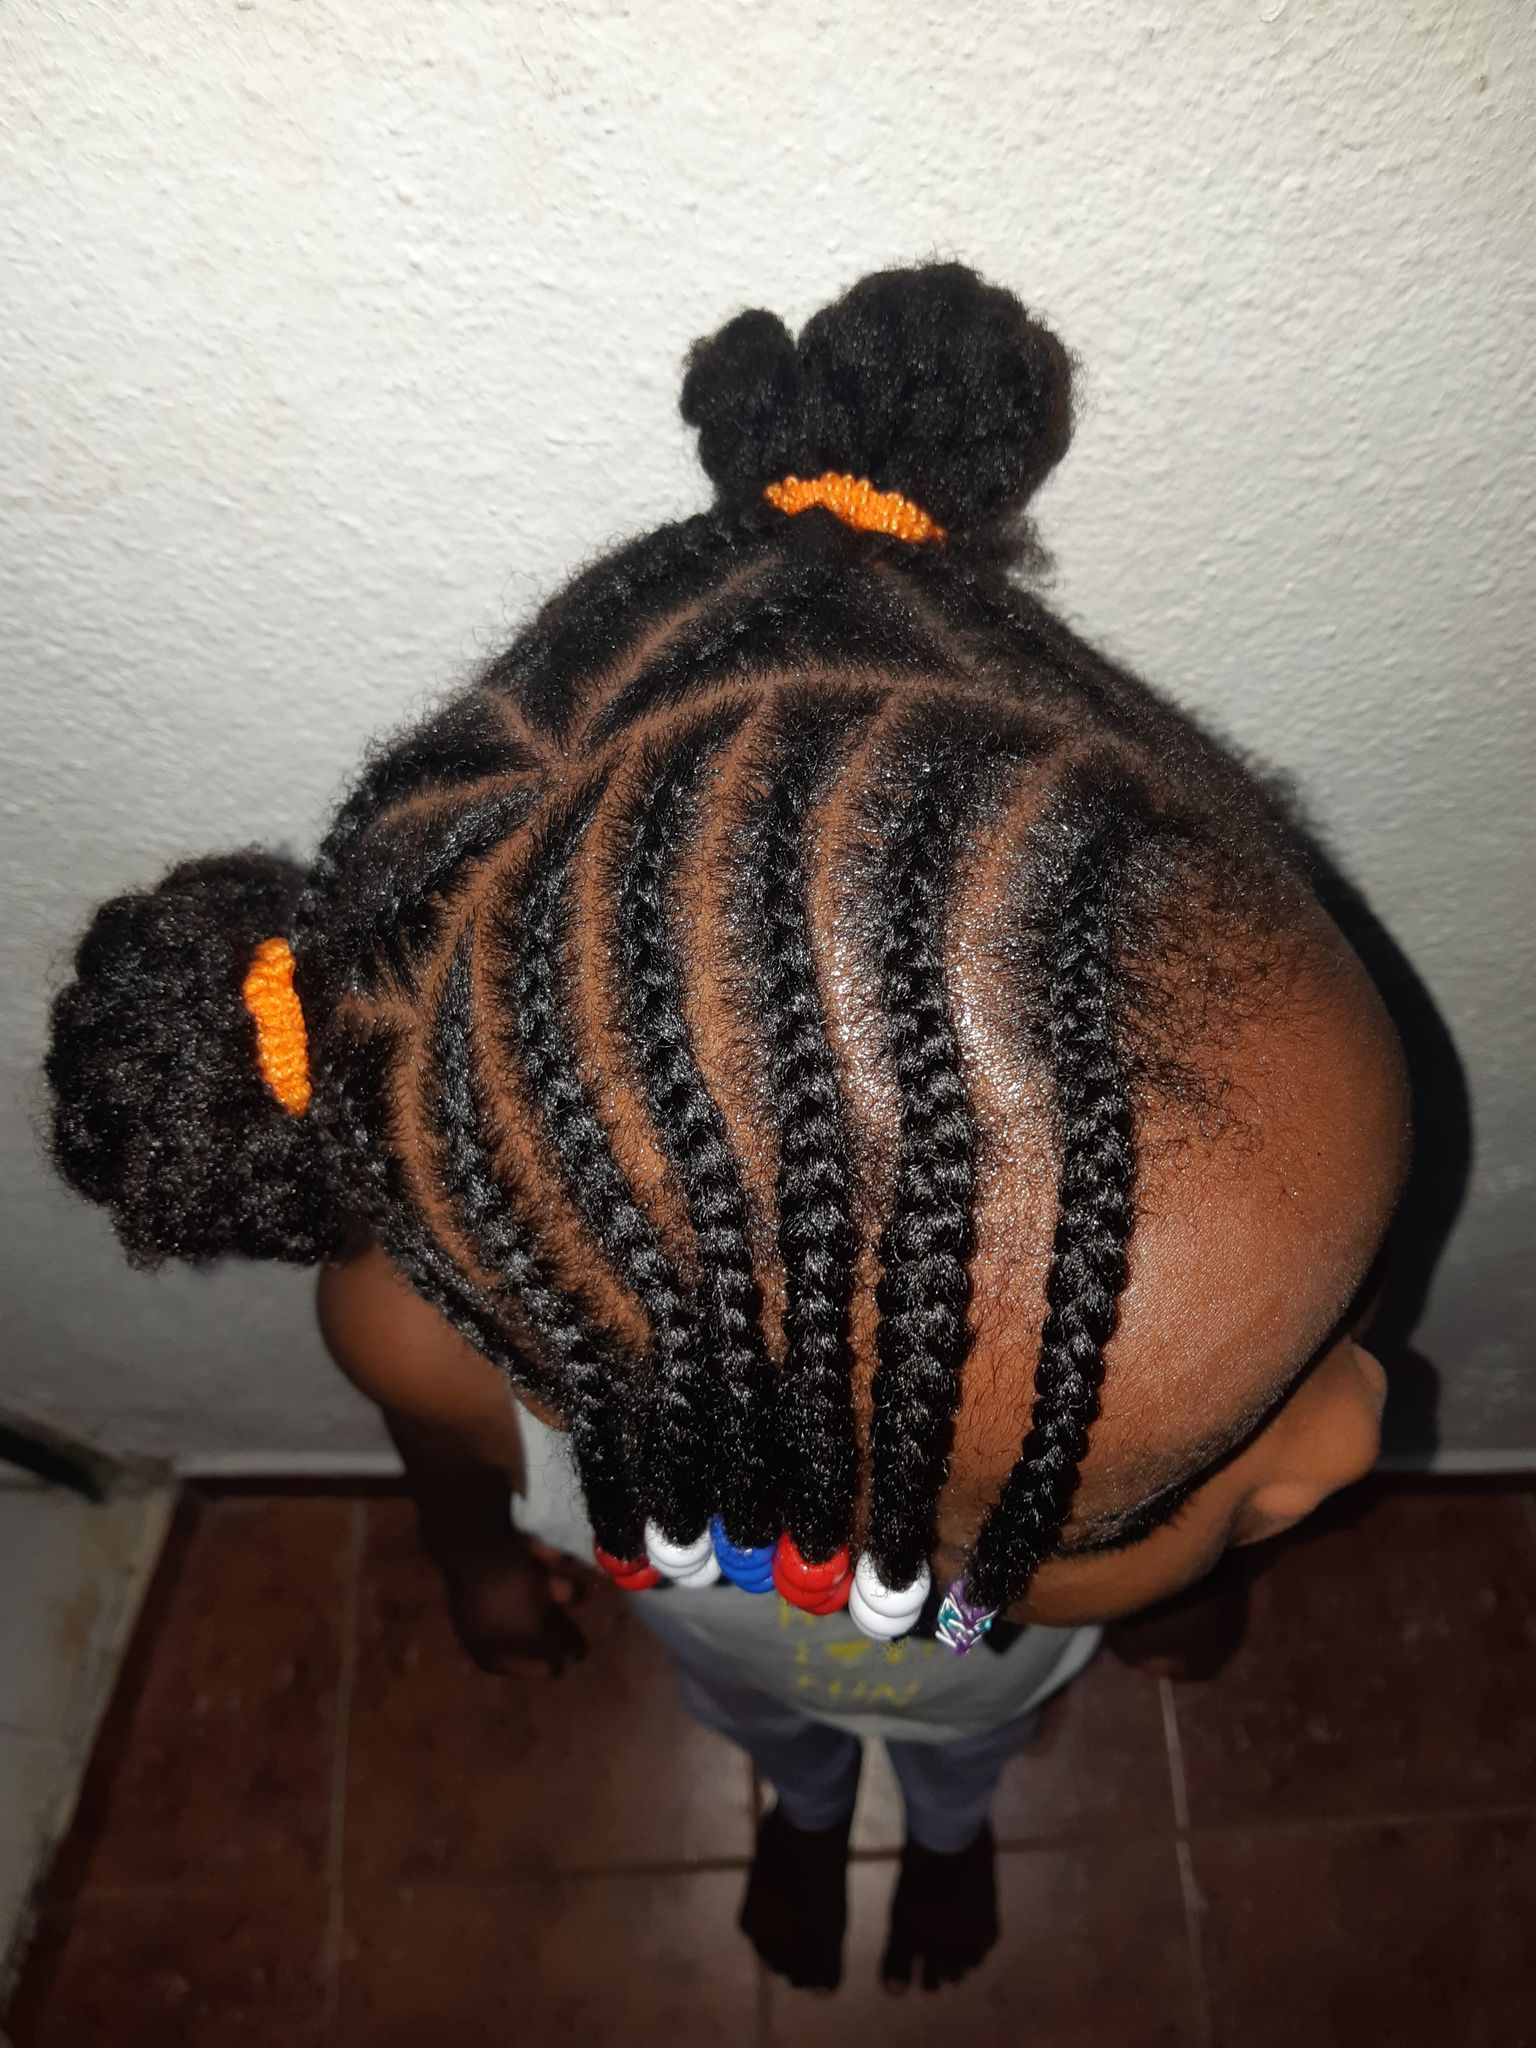 salon de coiffure afro tresse tresses box braids crochet braids vanilles tissages paris 75 77 78 91 92 93 94 95 AMIXFQQP